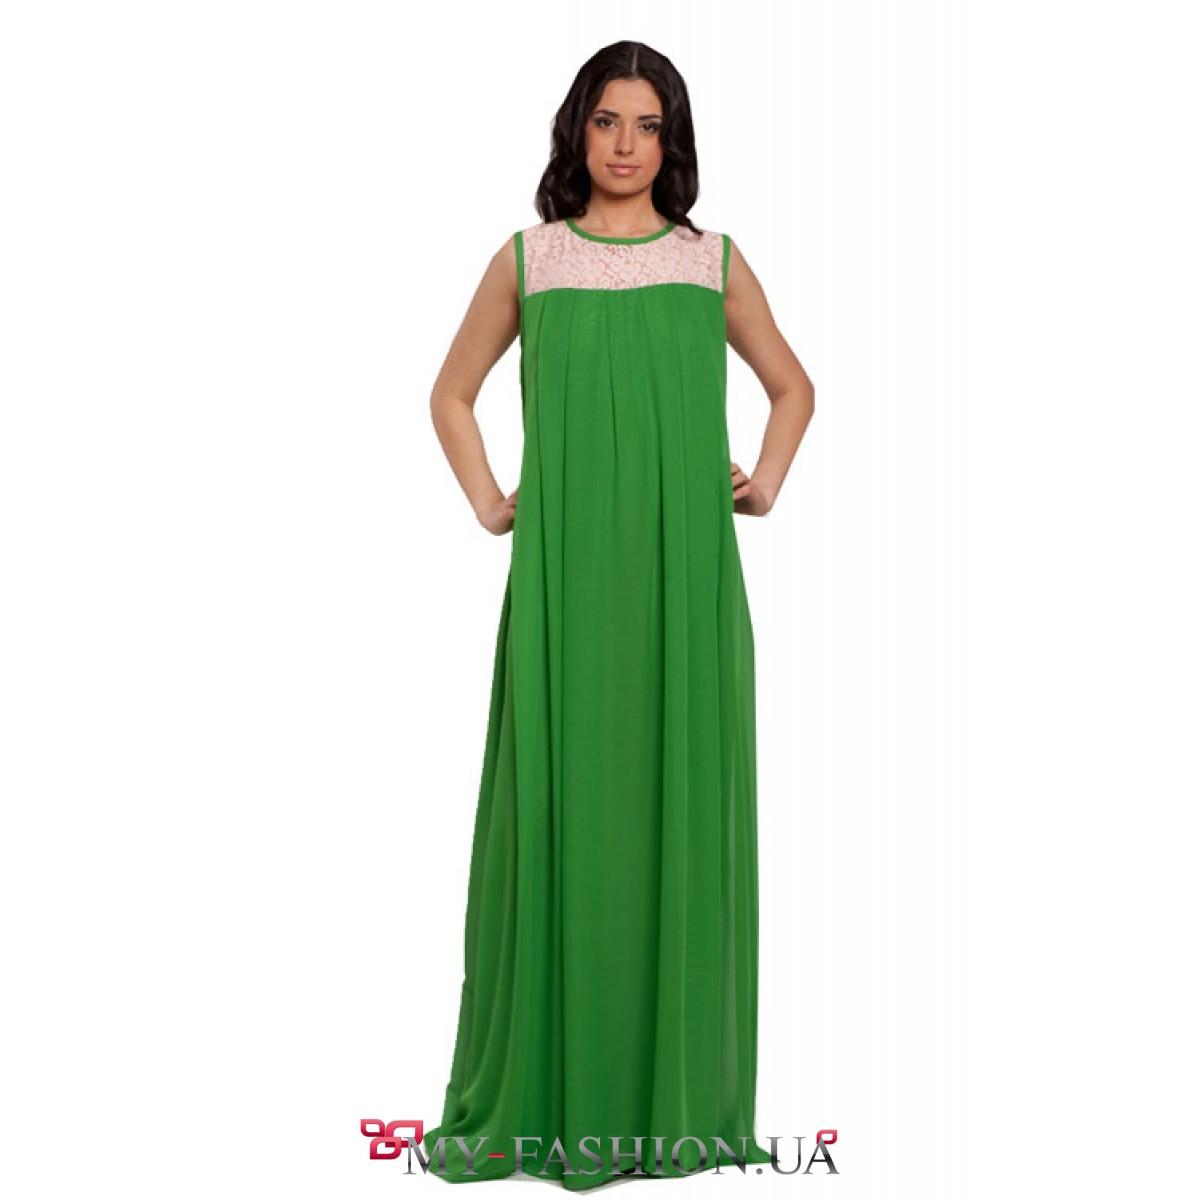 Купить ссылки поставщиков одежды